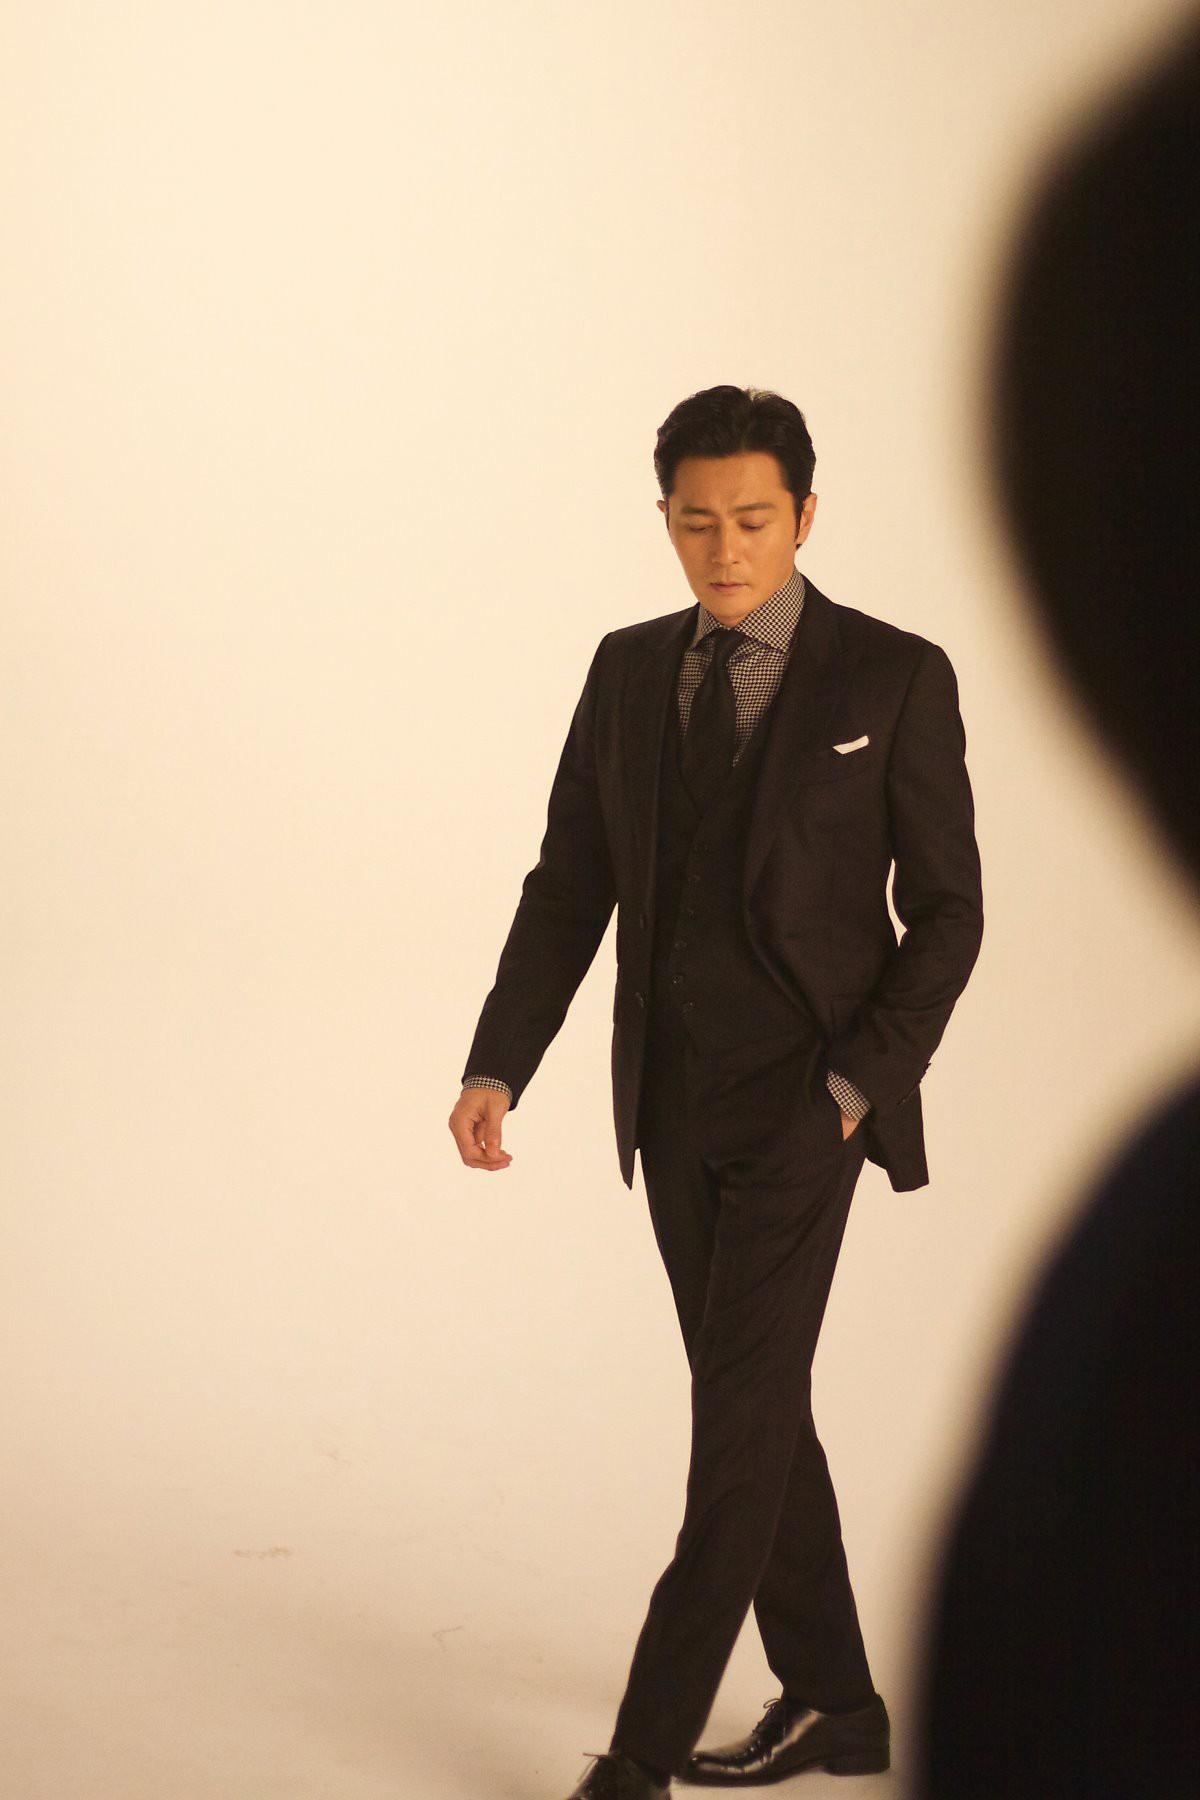 Choáng với ảnh hậu trường của tài tử Jang Dong Gun: Có ai da nhăn nheo nhưng vẫn đẹp cực phẩm như thế này? - Ảnh 15.